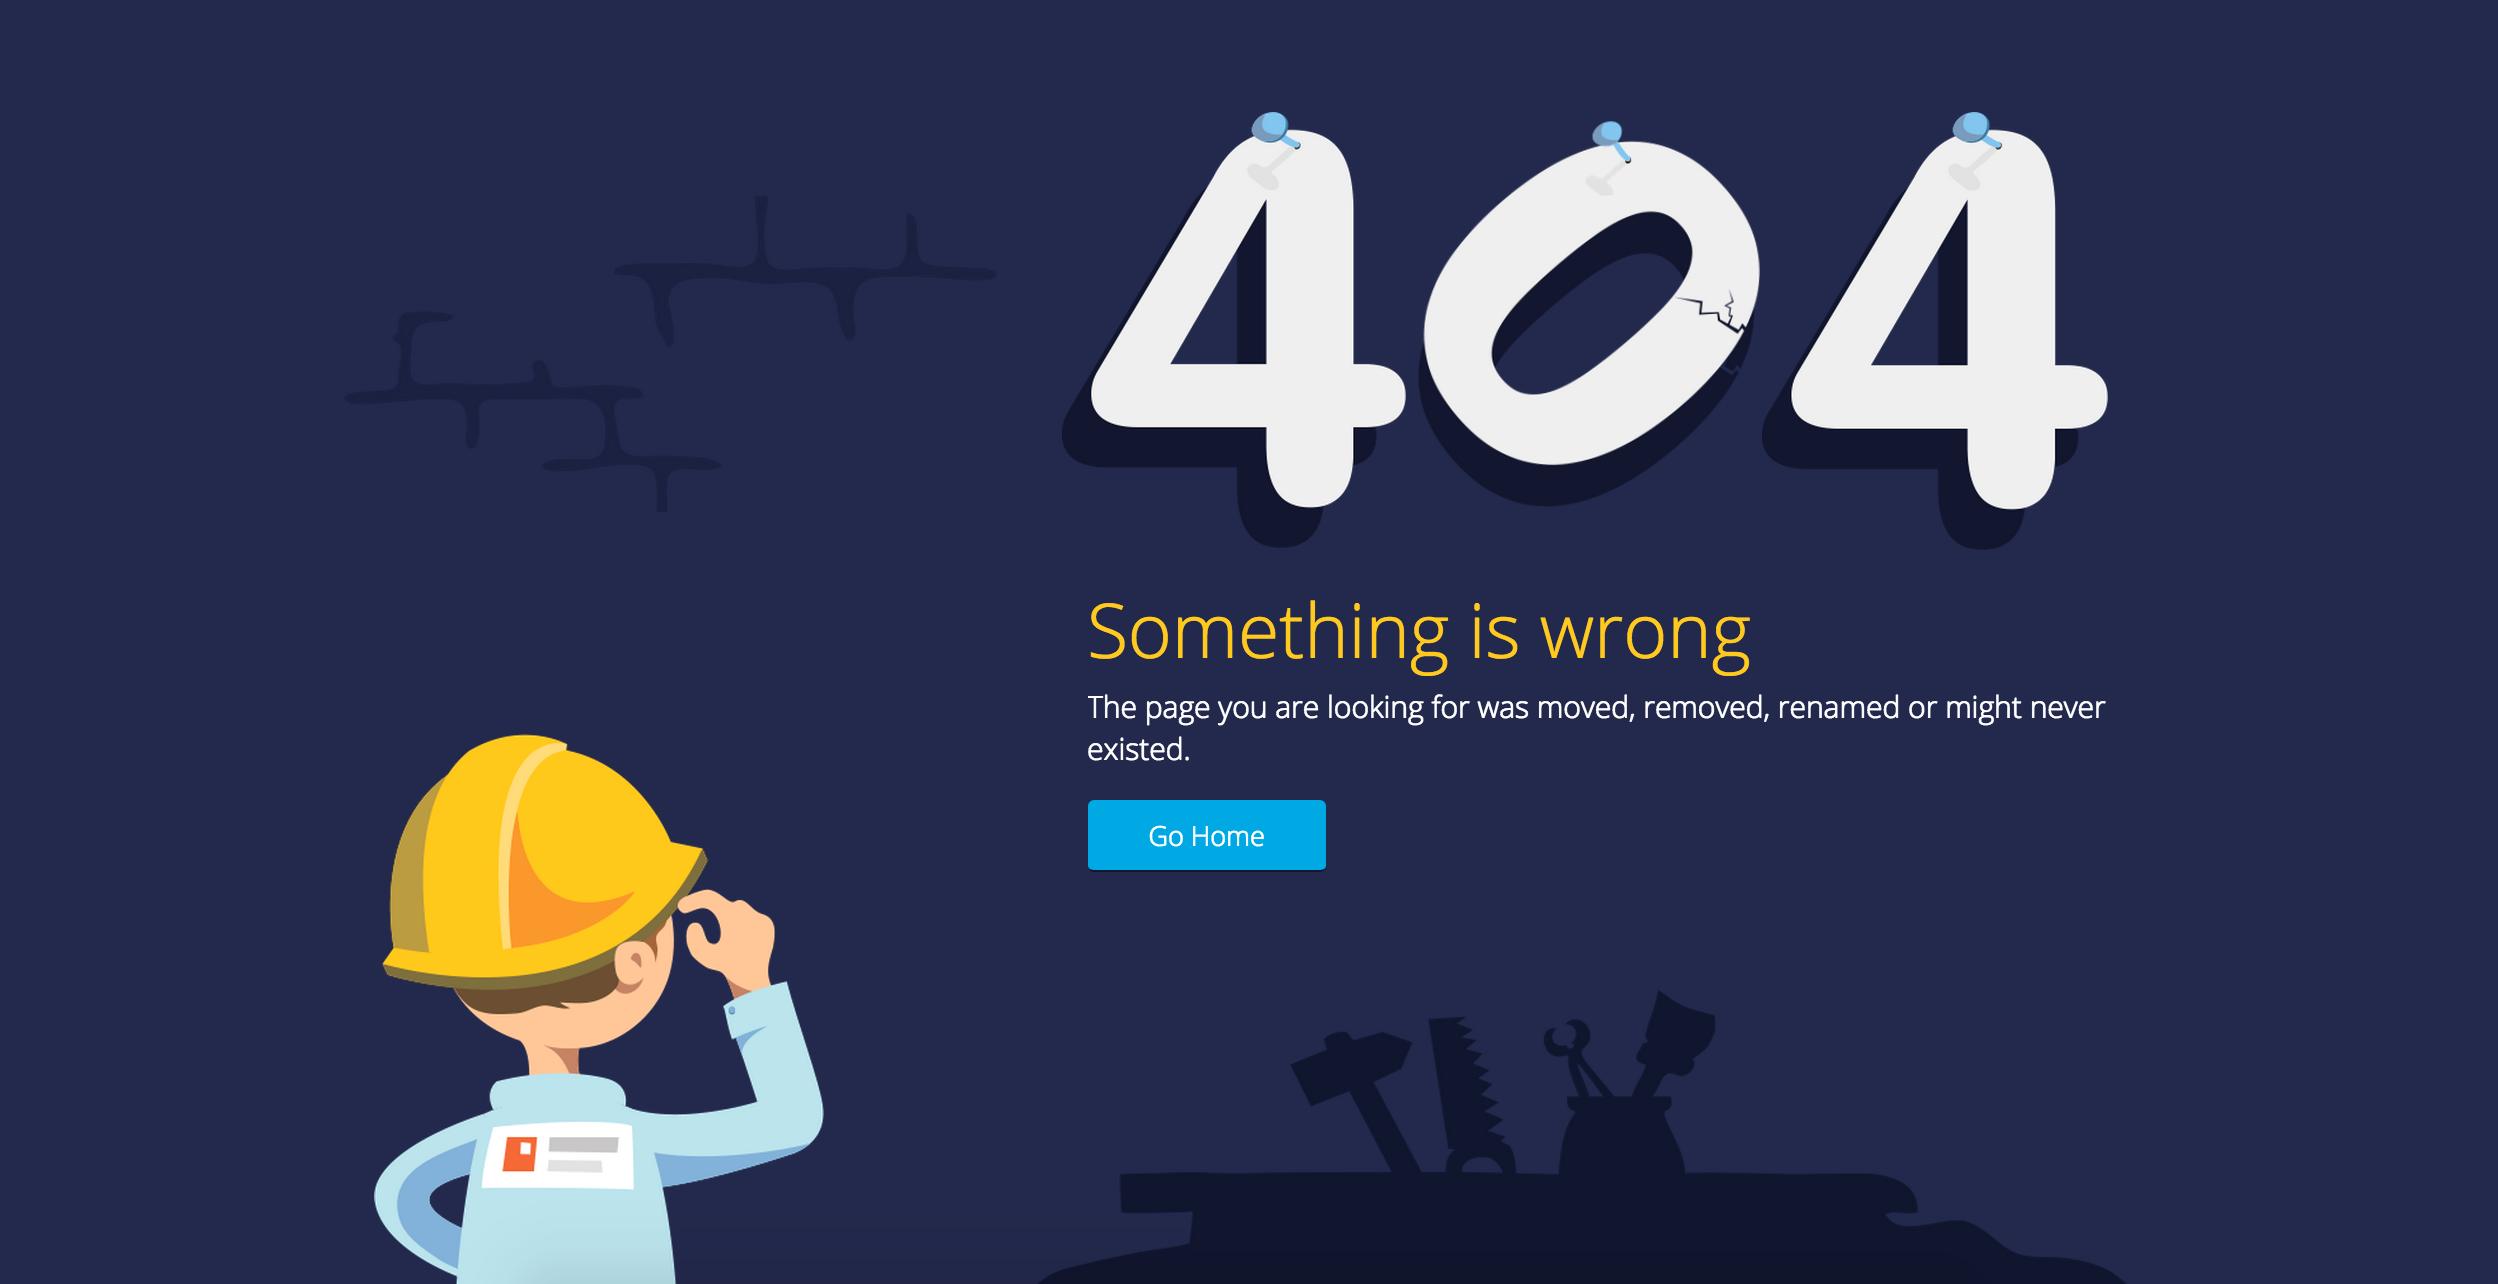 چطور یک صفحه خطای 404 خوب داشته باشیم